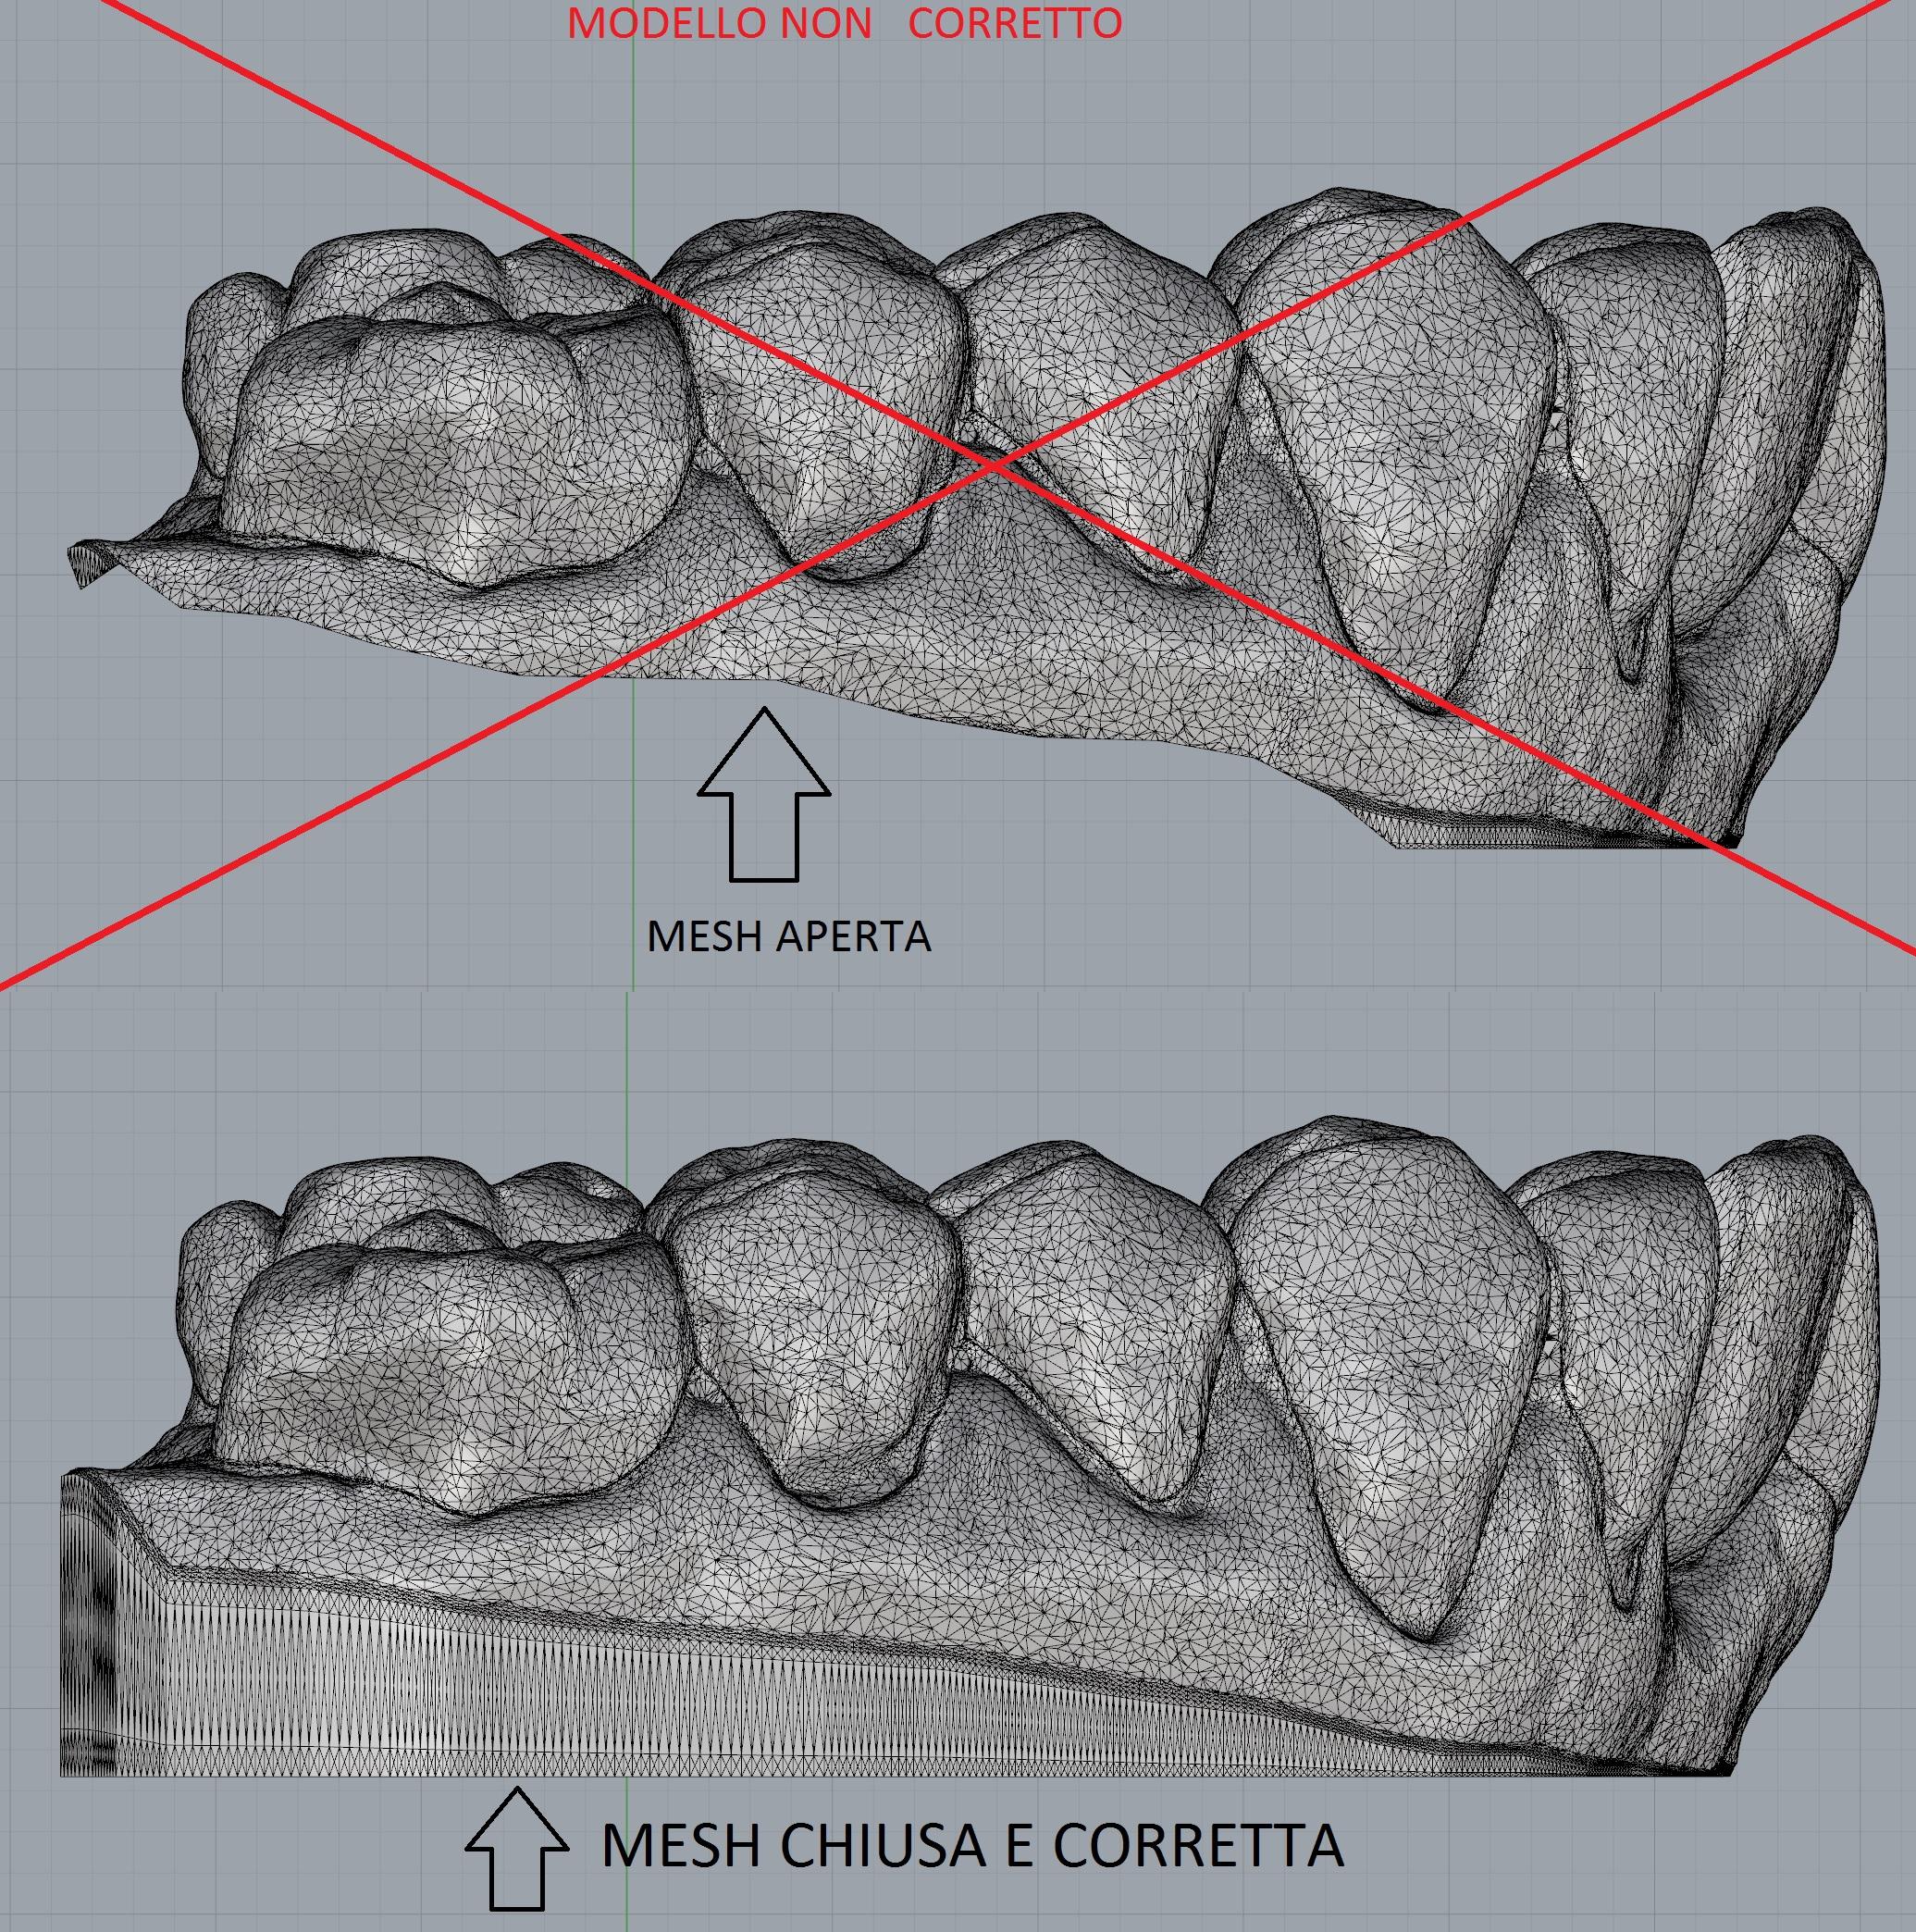 Modello_corretto_stampa3d_dental_printer_service